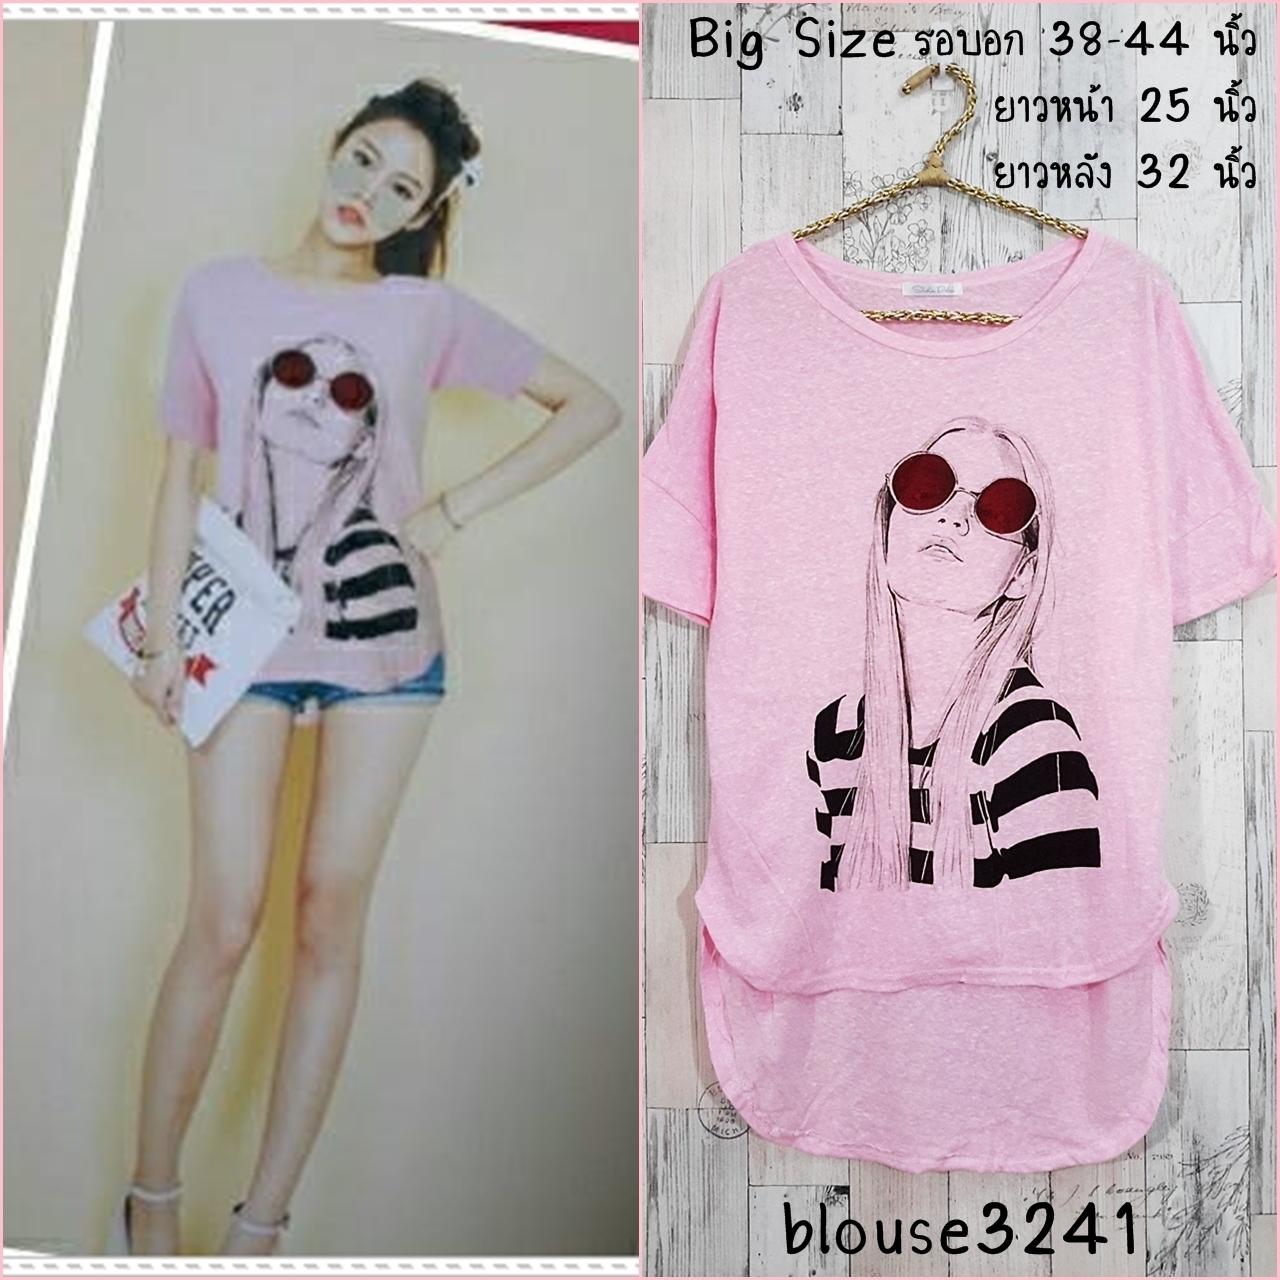 Blouse3241 Big Size Blouse เสื้อแฟชั่นไซส์ใหญ่หน้าสั้นหลังยาว สกรีนลายผู้หญิง ผ้ายืดสลาฟเนื้อนิ่ม สีชมพู